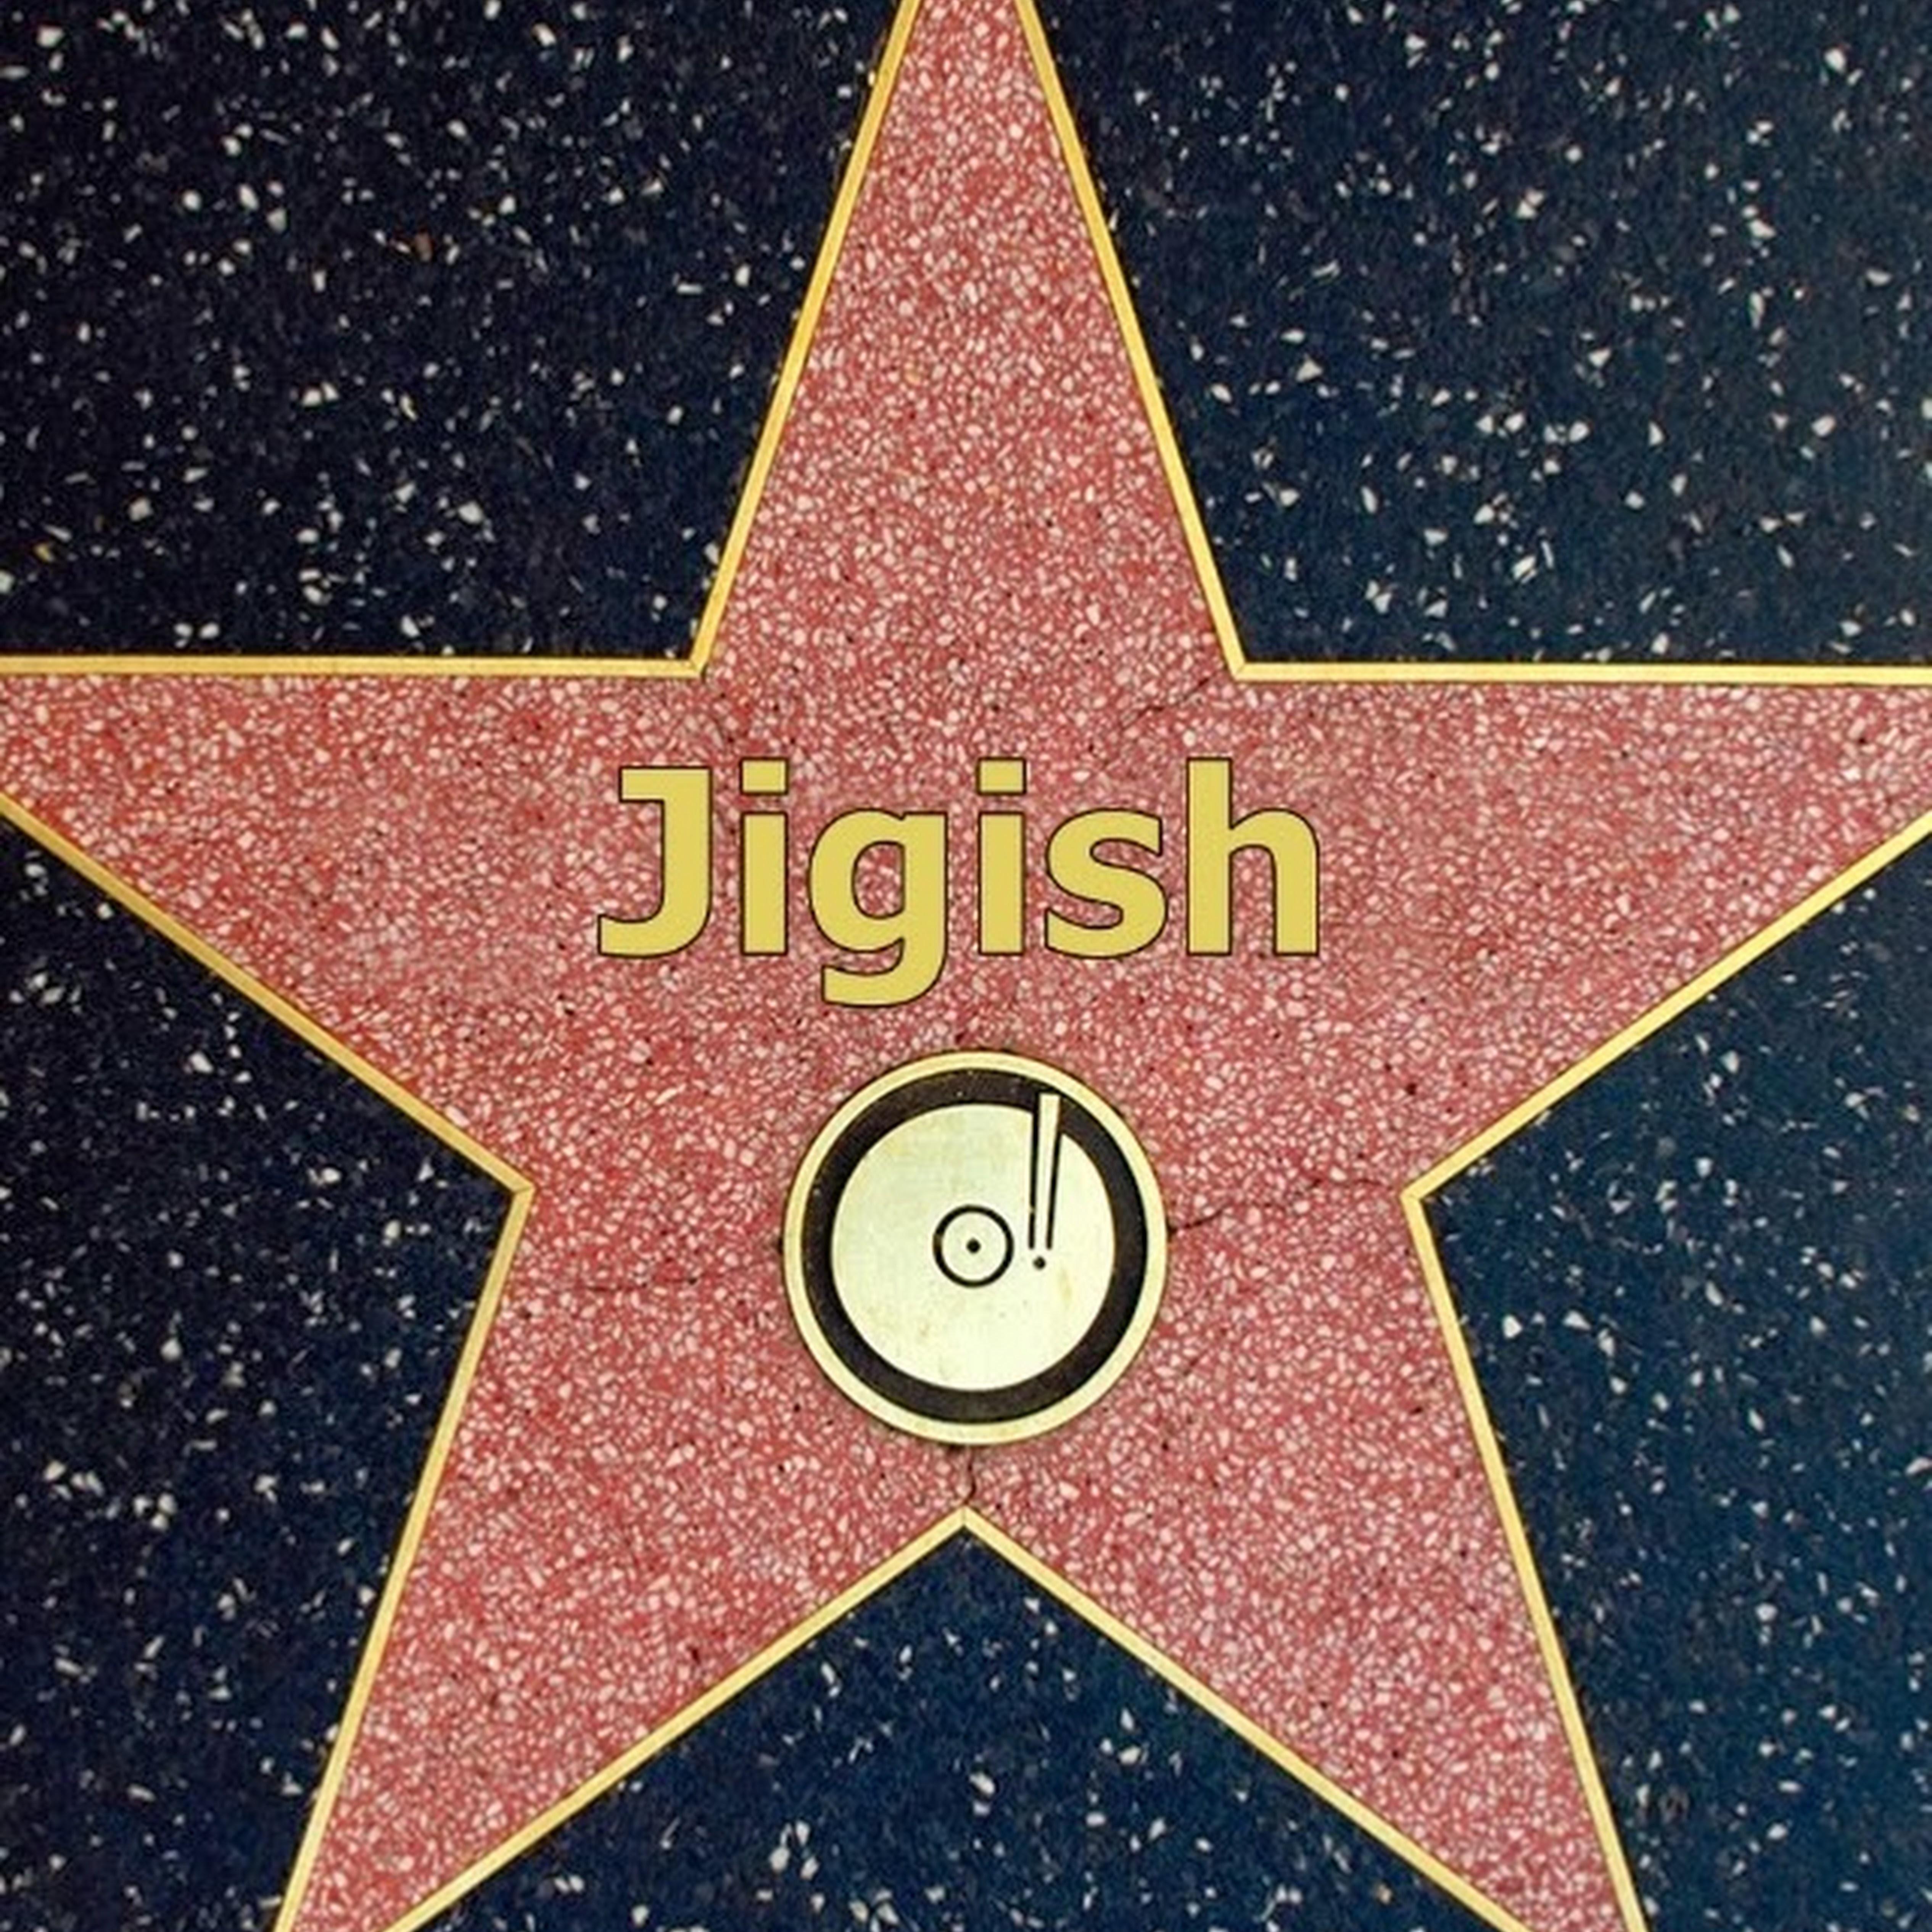 Jigish